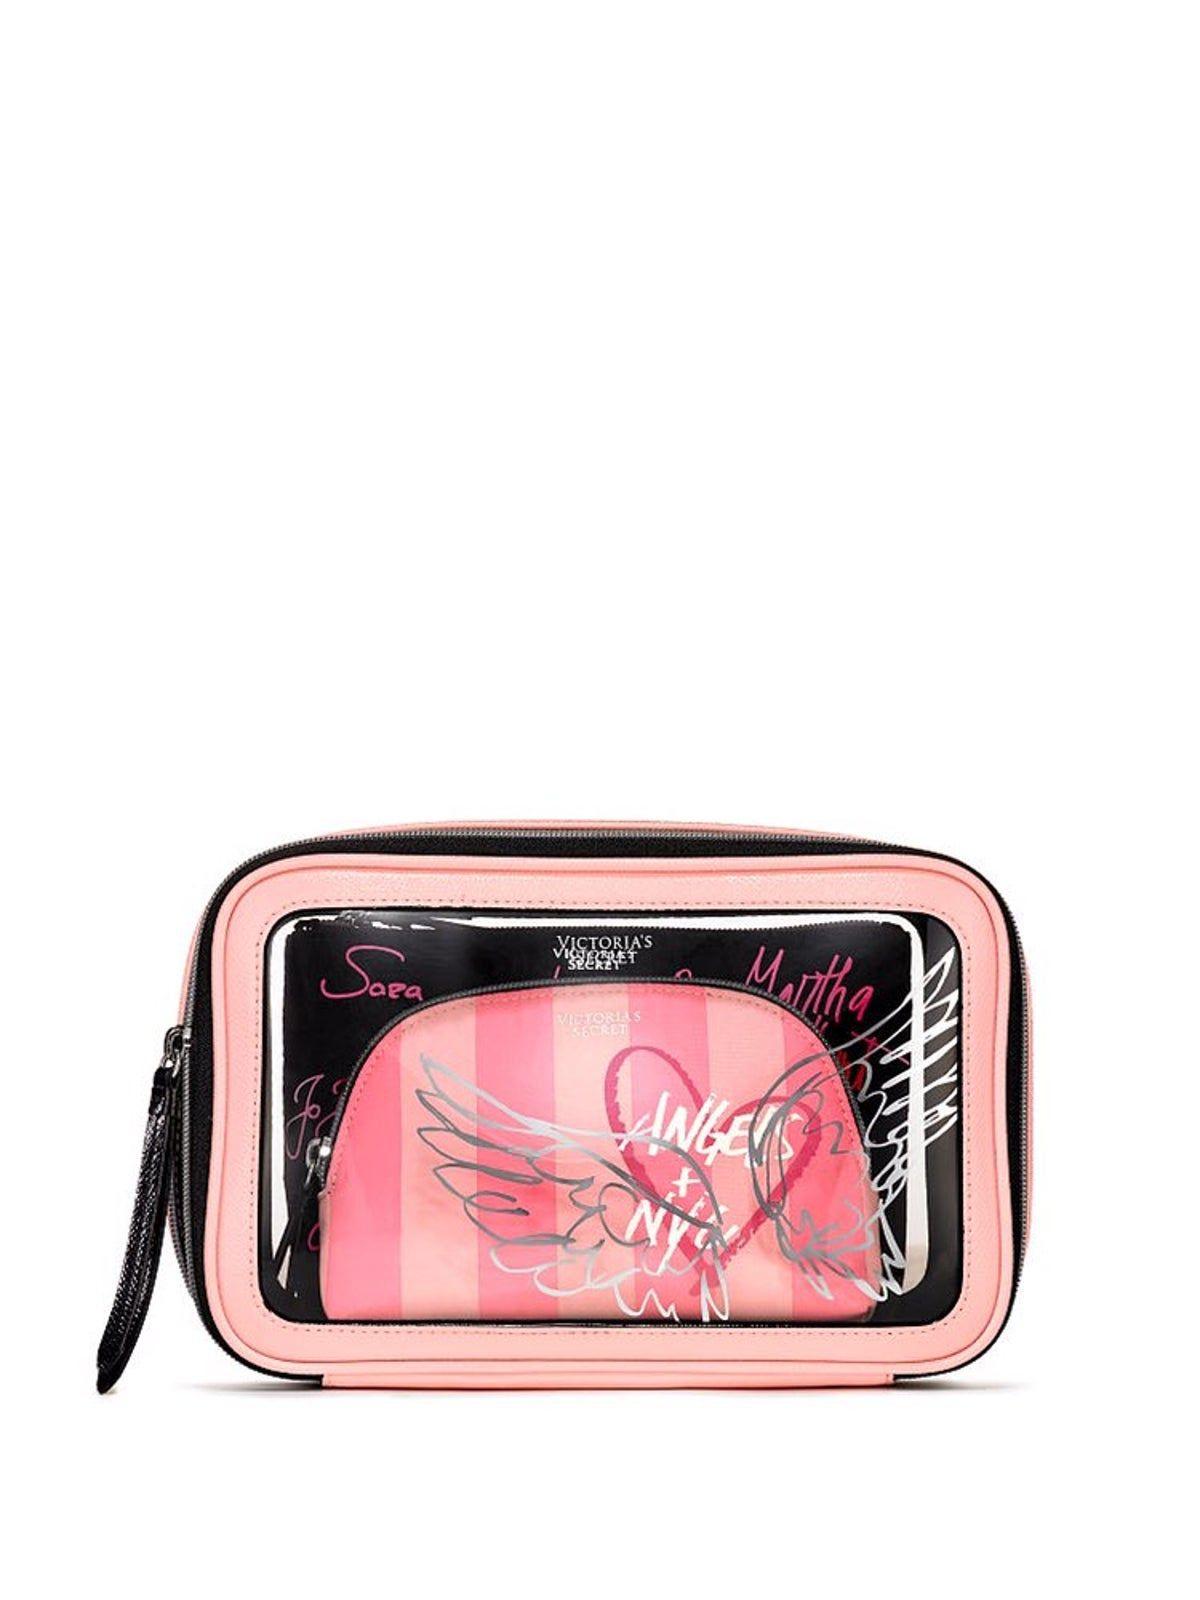 3 Piece Victoria's Secret Bag